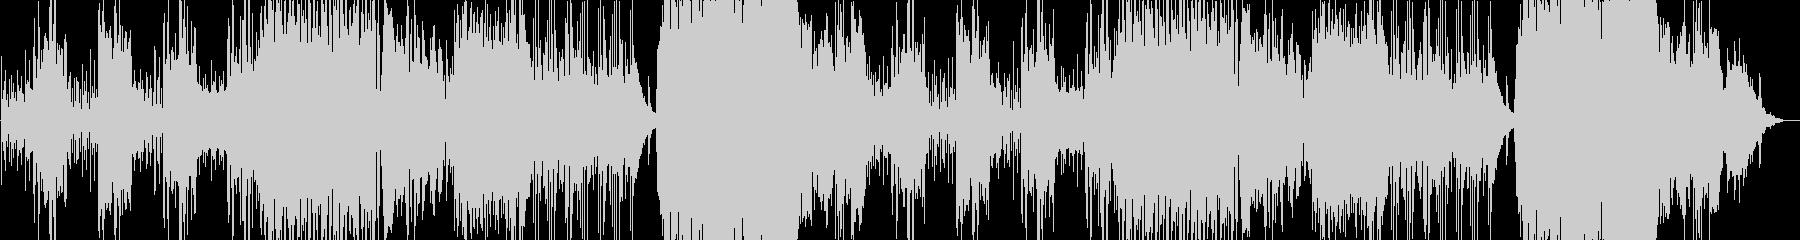 壮大なピタゴラスイッチの未再生の波形